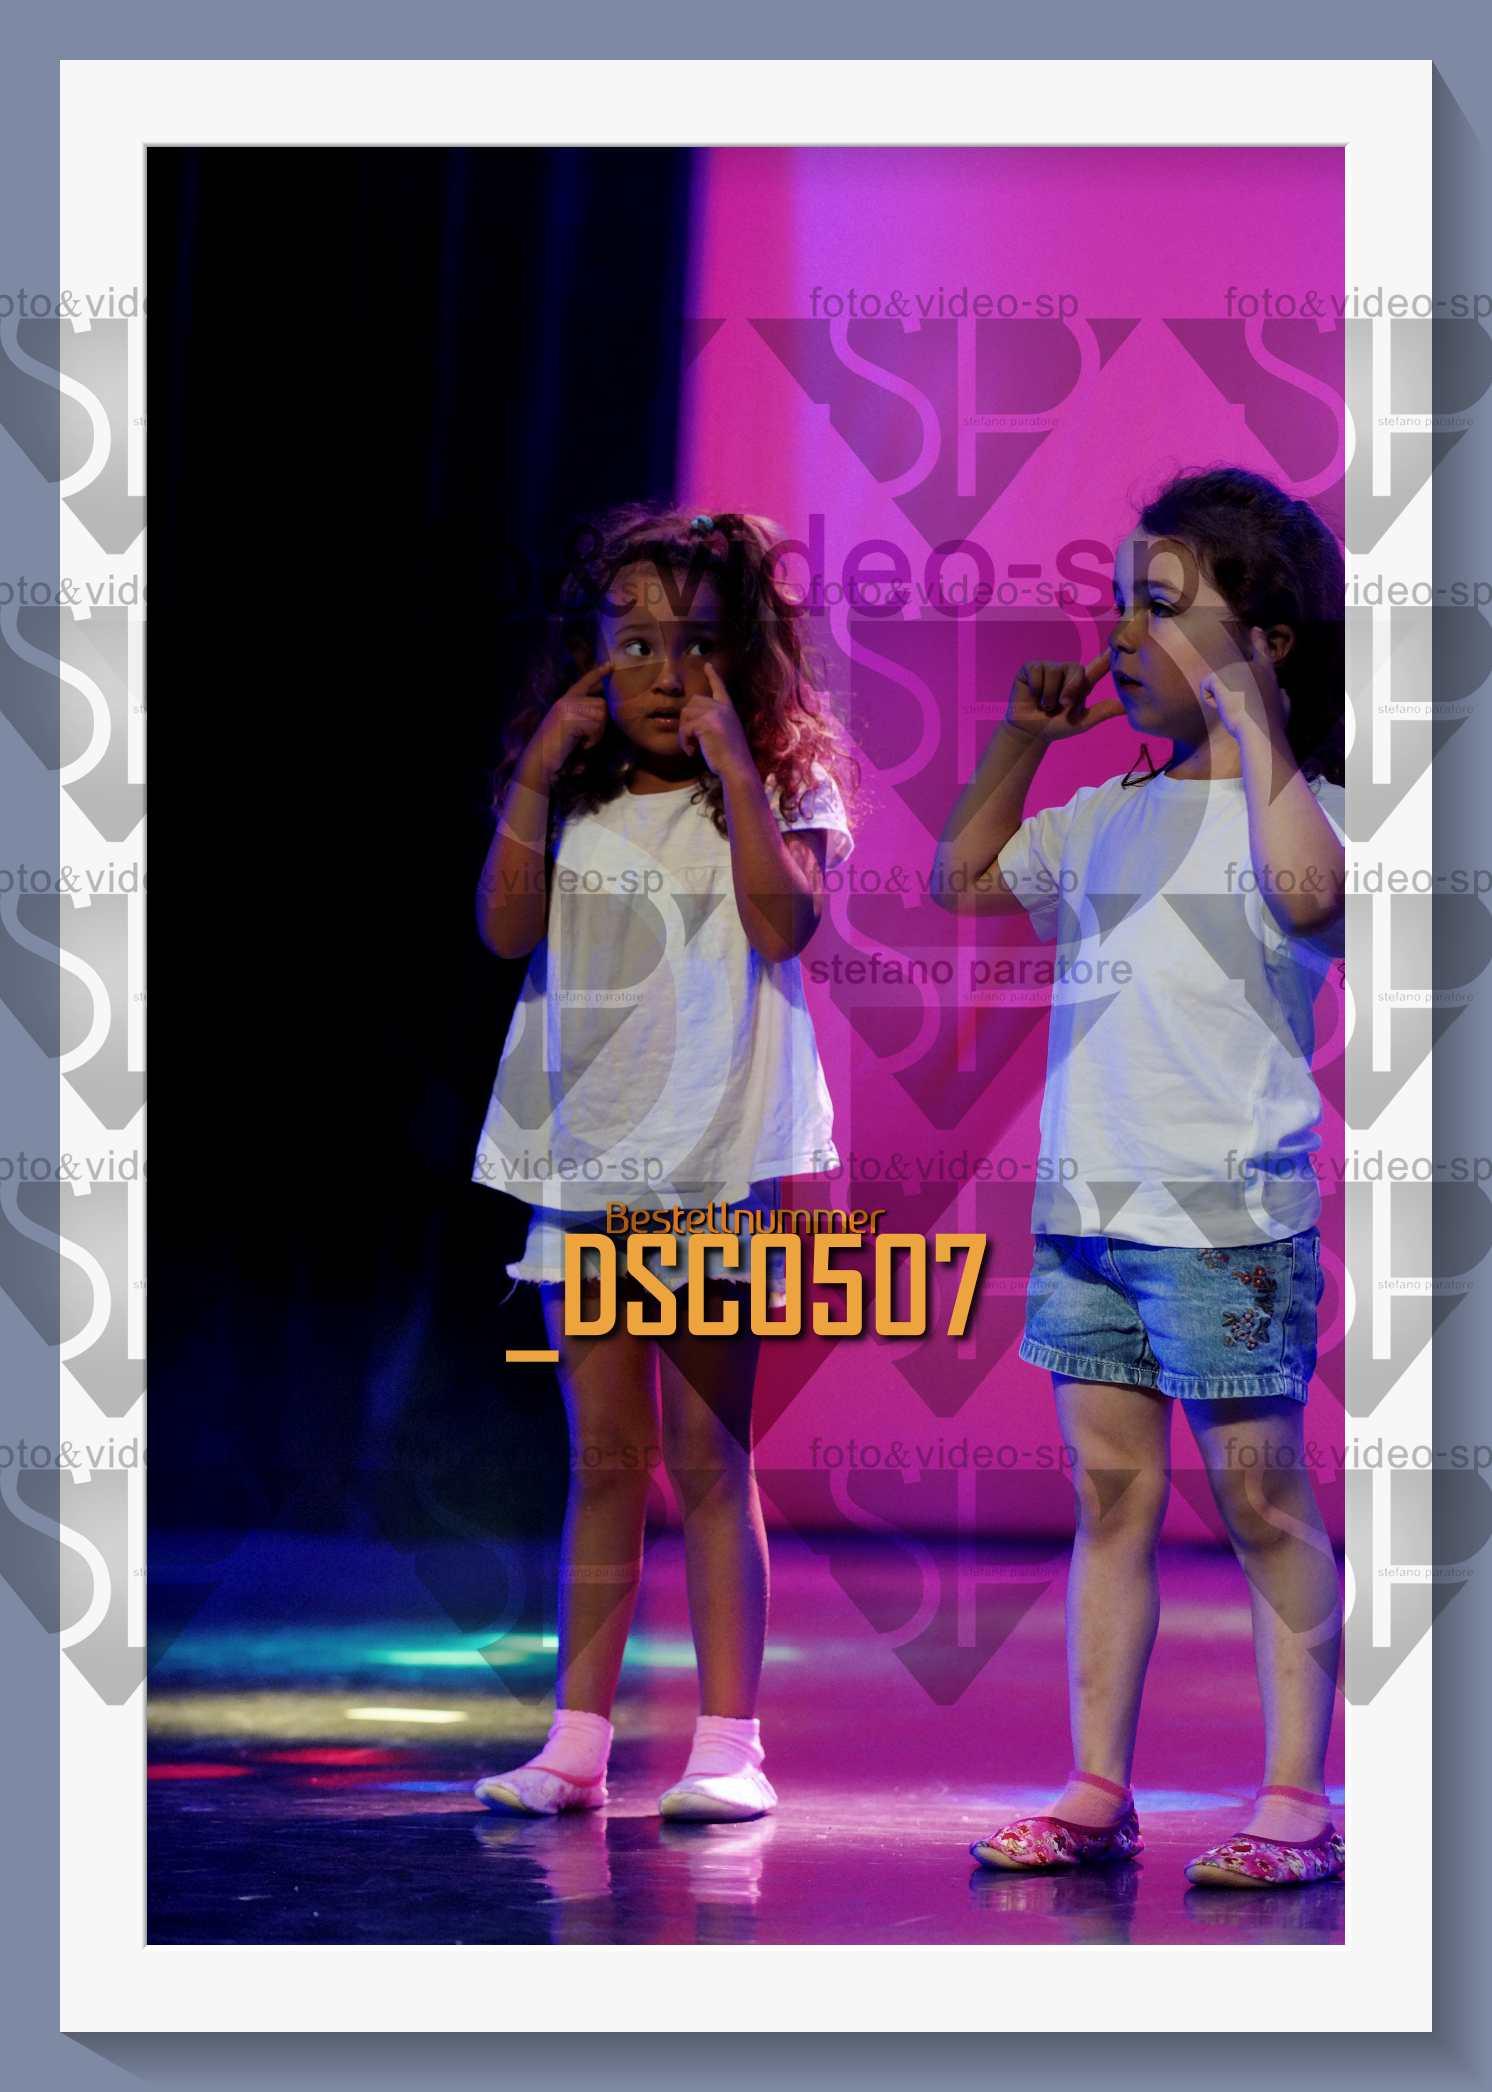 DSC0507